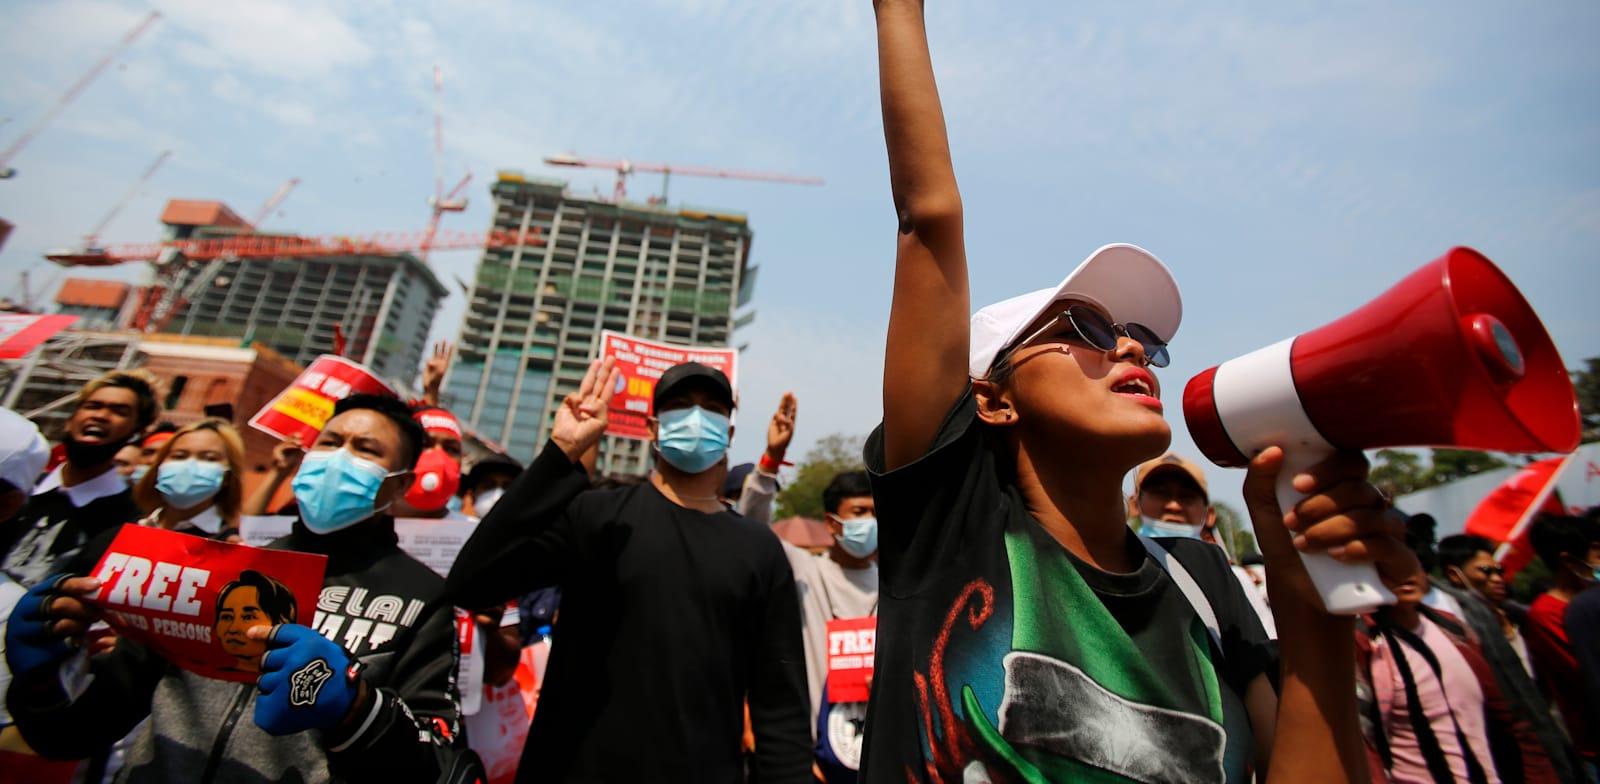 """מפגינה מצביעה בשלוש אצבעות, סמל המאבק, זאת לאחר שמפגינה נורתה בראשה ע""""י המשטר הצבאי במסגרת ההפגנות / צילום: Associated Press"""